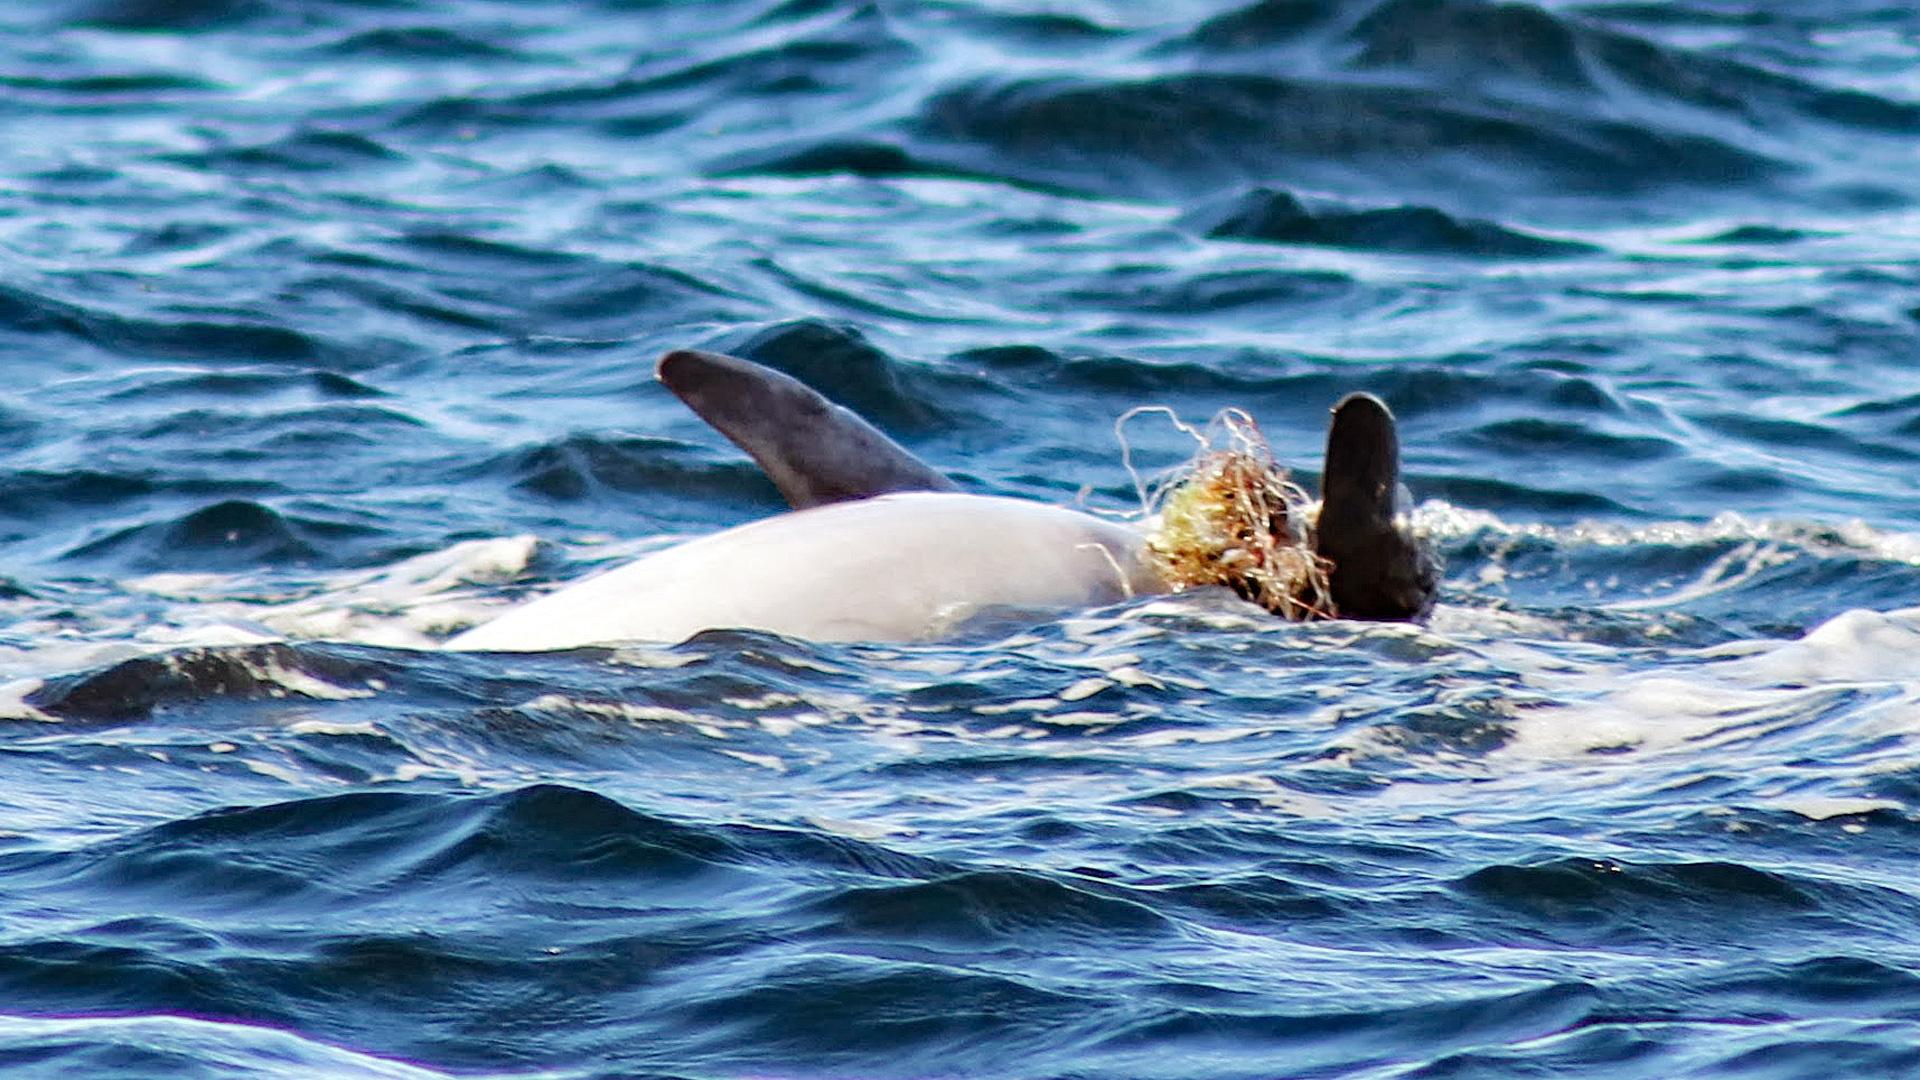 Delfin mit eingewachsenen Netzresten am Flipper.